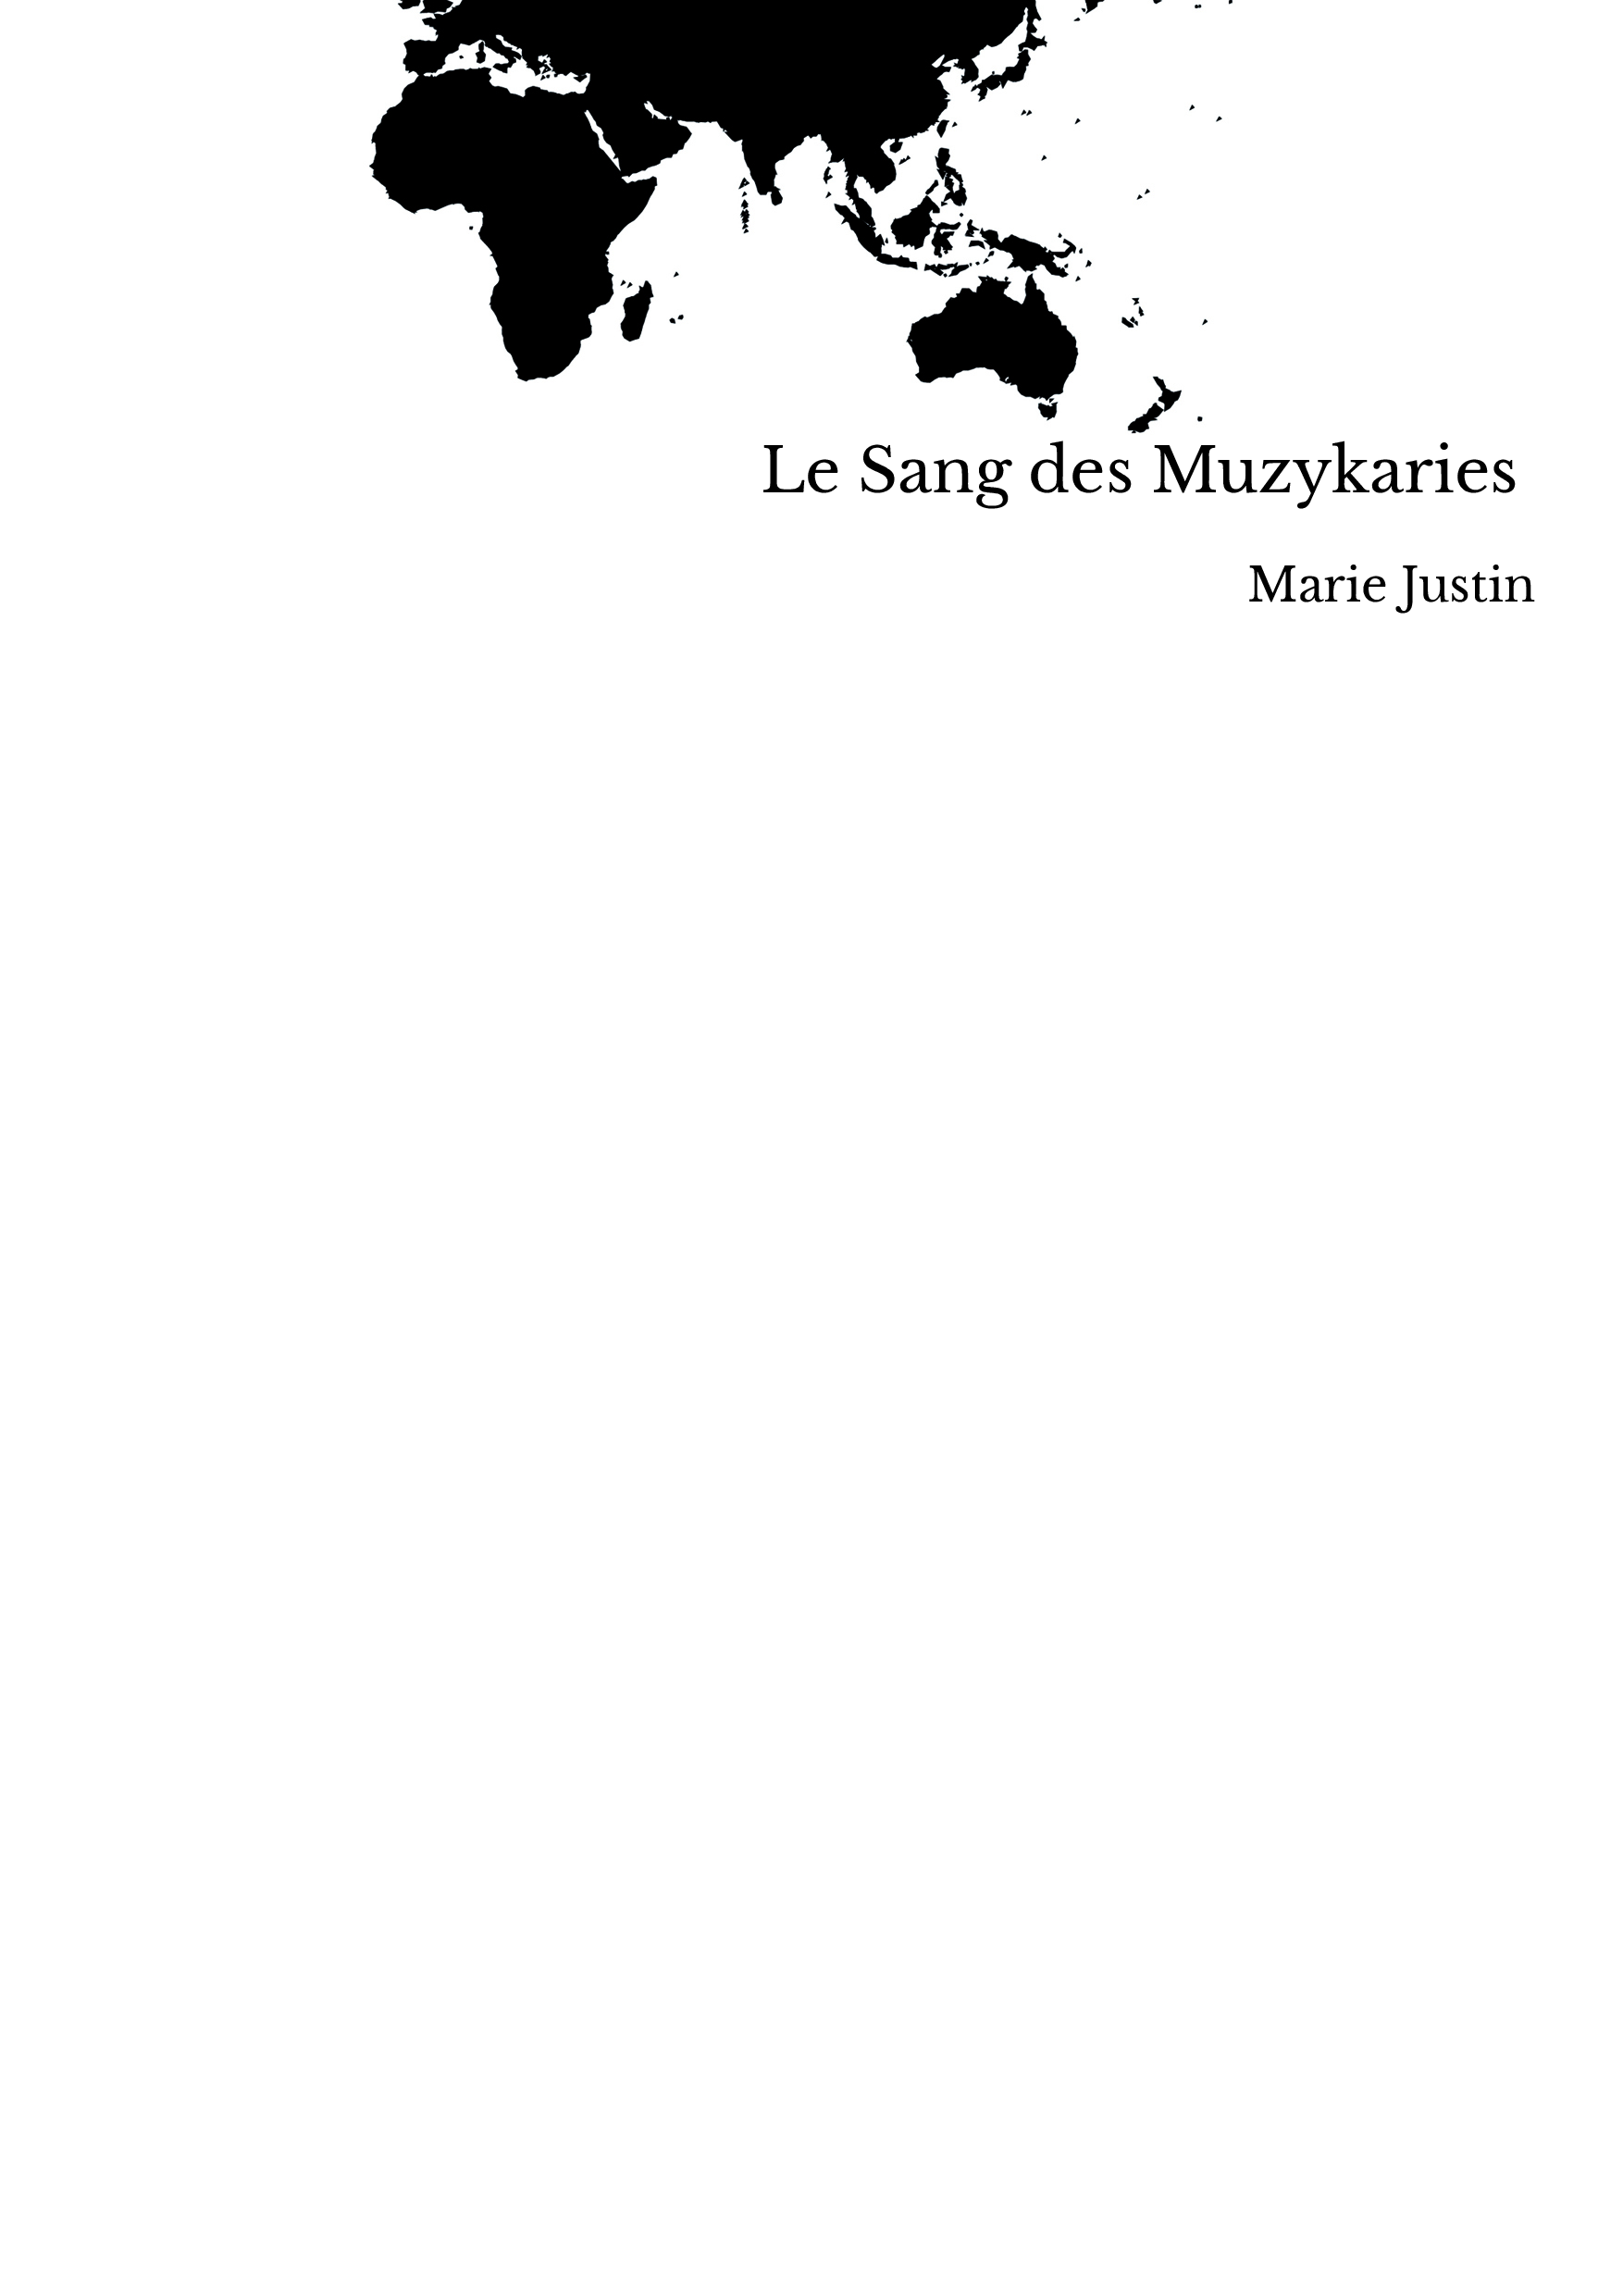 Le Sang des Muzykaries